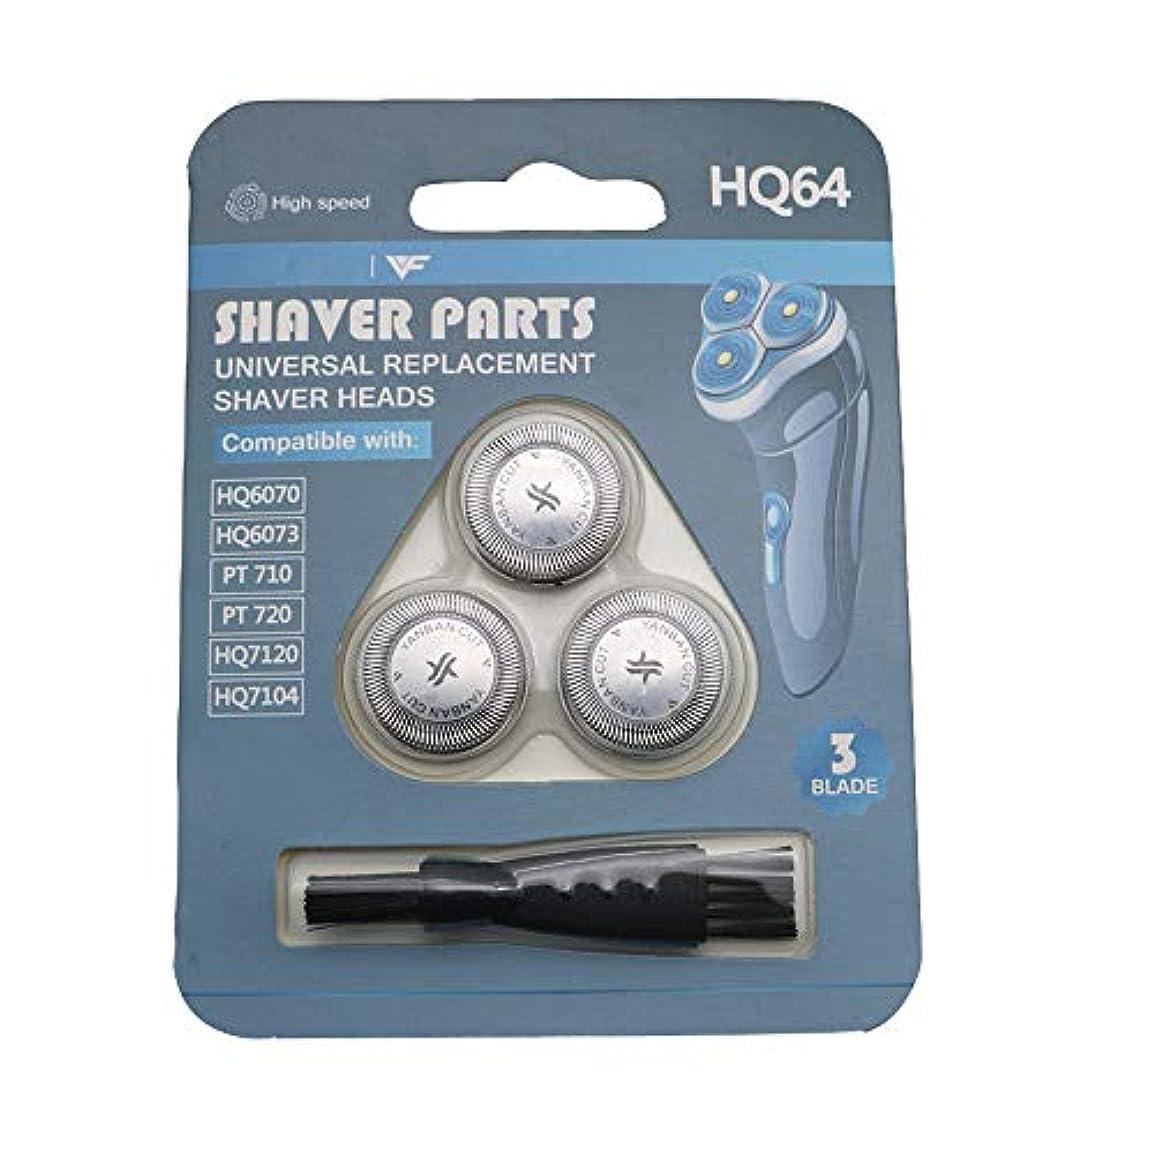 ラップトップマエストロ過去WuYan 3個 交換用 シェーバー ヘッド互換性 Philips Hq64 Hq54 Hq6070 Hq6073 7310Xl Pt710 Hq7325 Hq7340 Pt715 Pt725 Pt720用